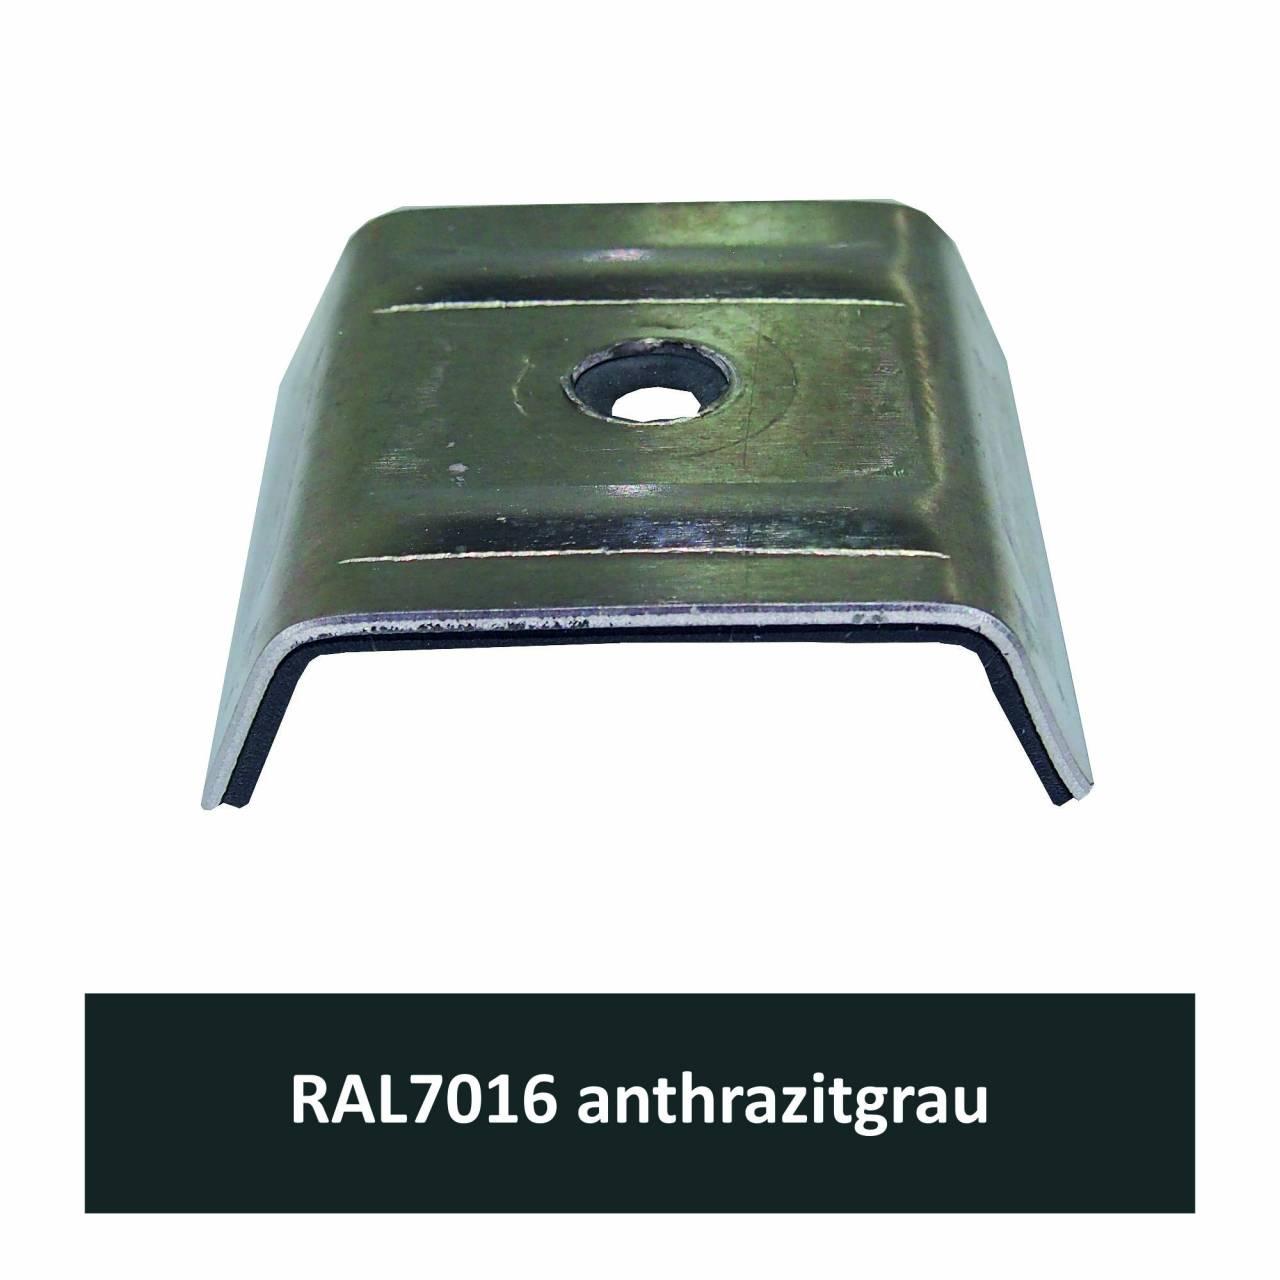 Kalotten für Kingspan, Alu RAL7016 anthrazitgrau / Pck a 100 Stück